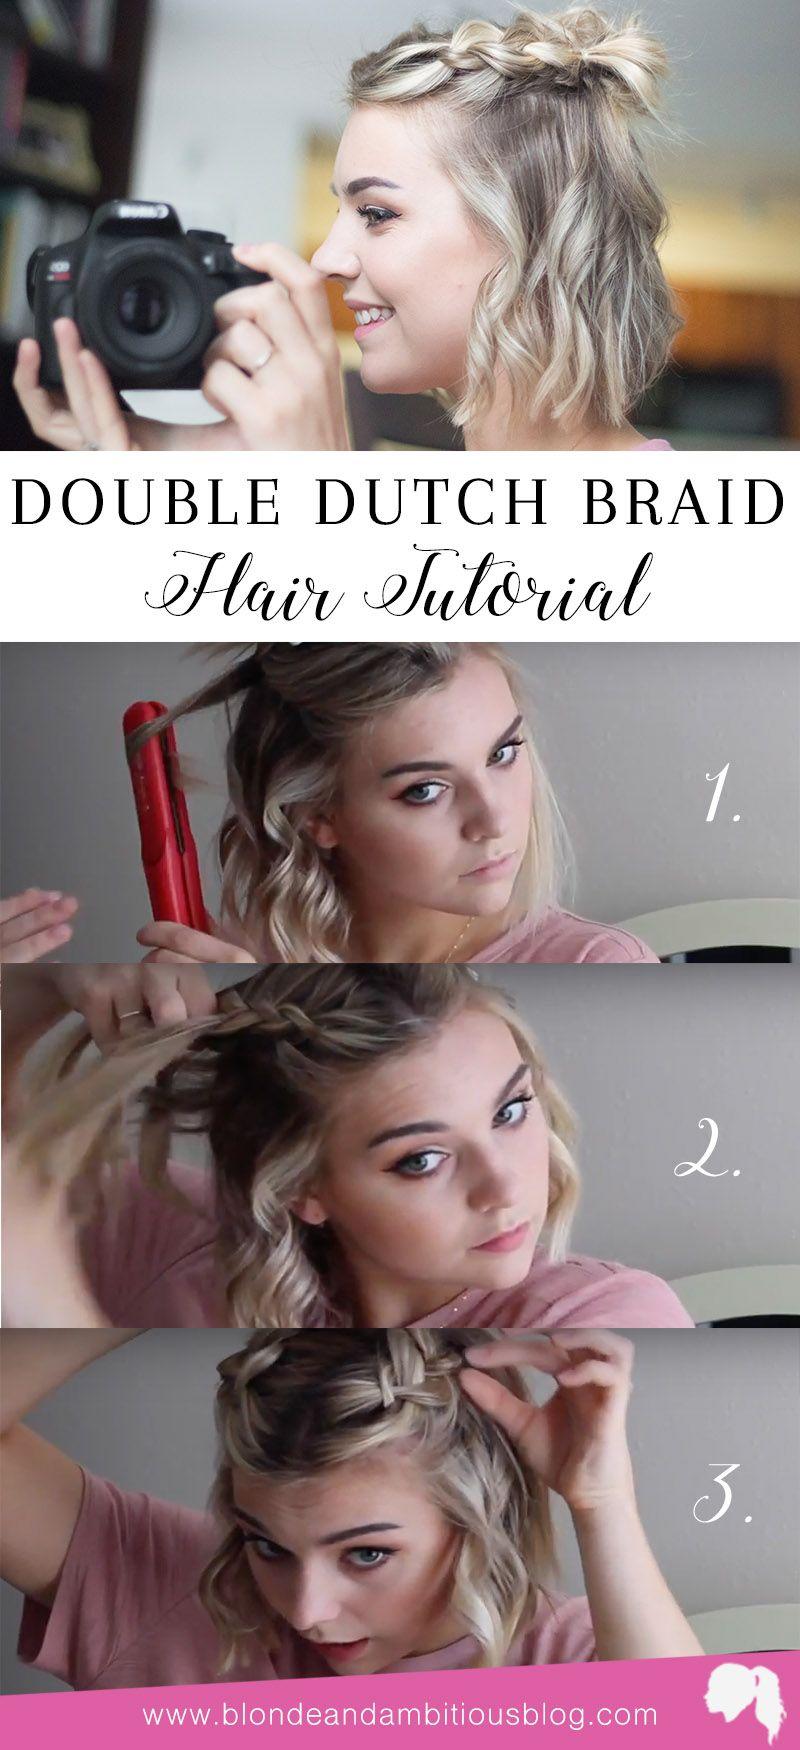 DOUBLE DUTCH BRAID HAIR TUTORIAL | braid hairstyles, braid styles, styles for short hair, short hairstyles, half up do, half up half down hair, half up half down hair easy